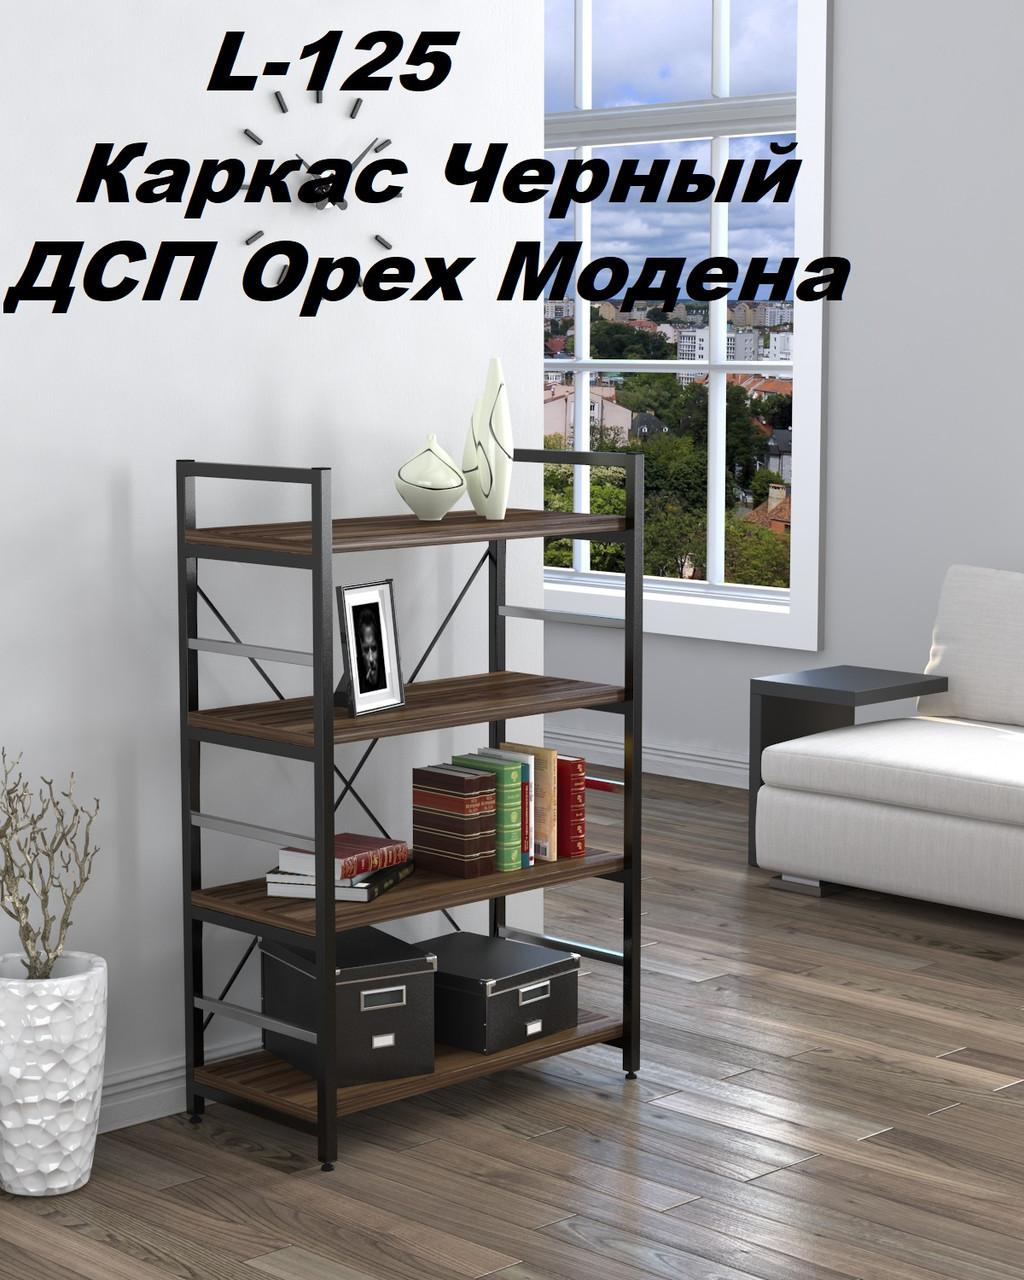 Стеллаж офисный L-125 Черный, ДСП Орех Модена (Loft Design TM)